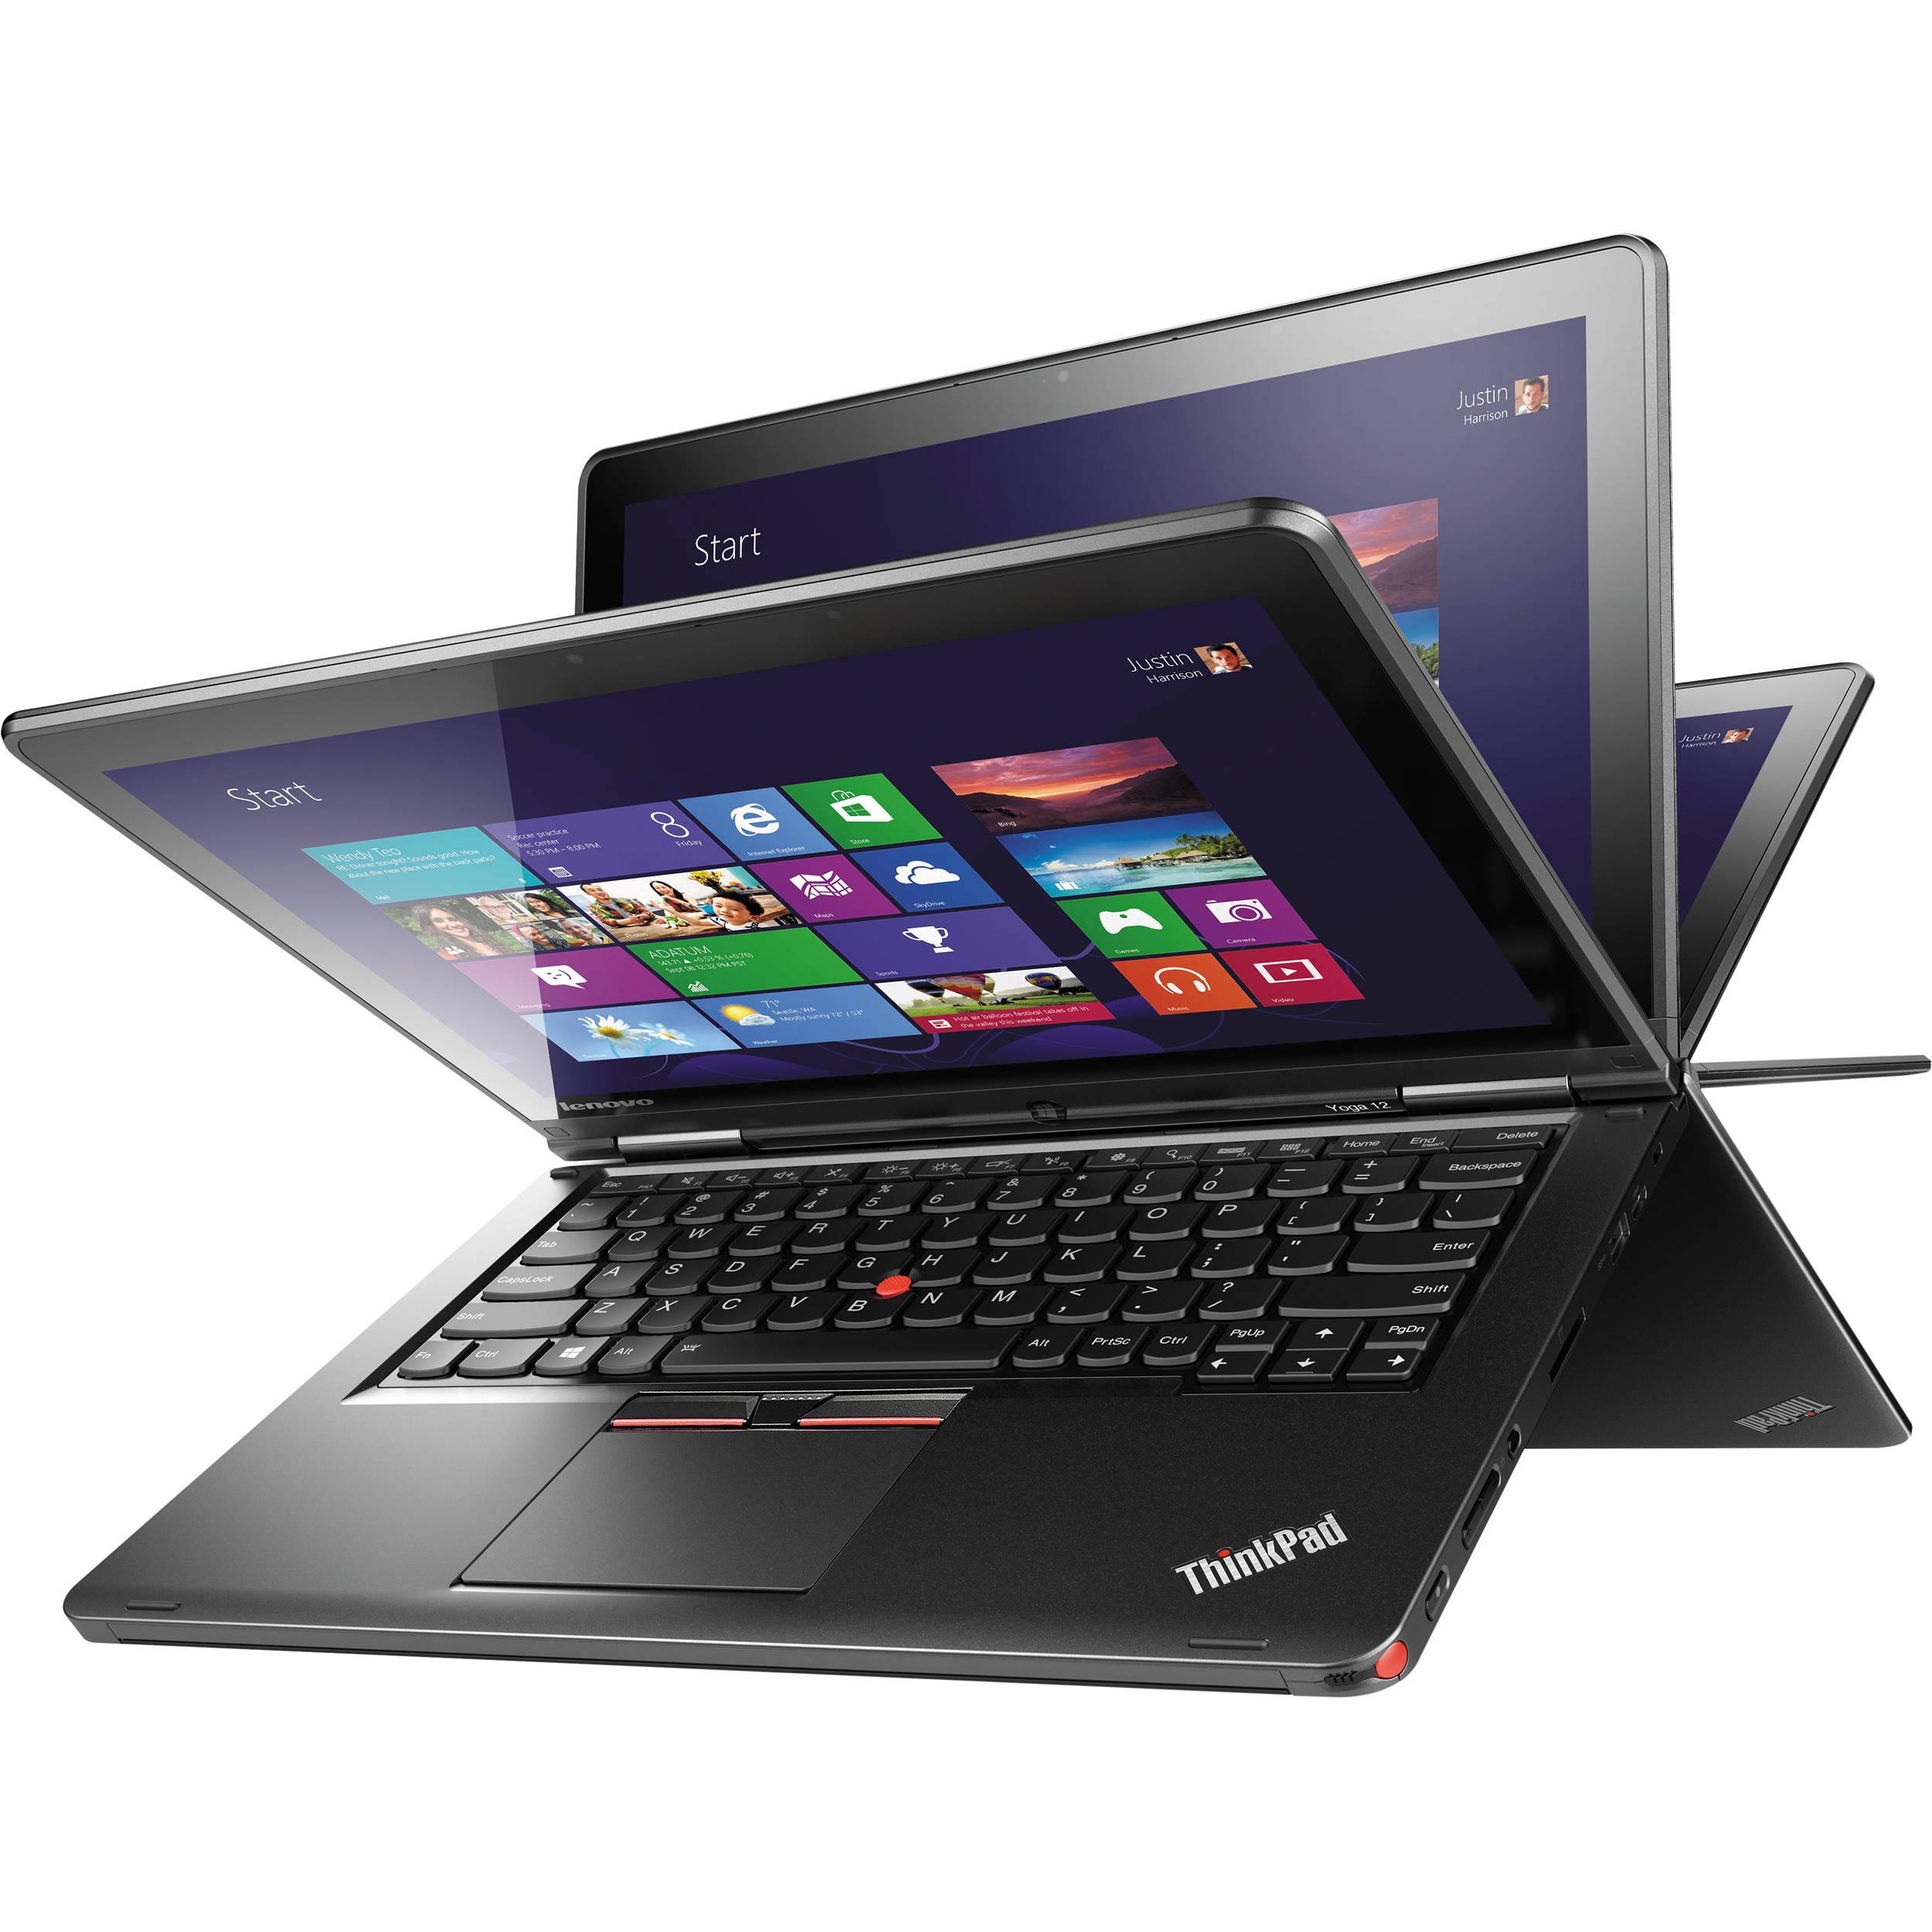 لپ تاپ استوک لنوو مدل Lenovo Yoga 12 با مشخصات i5-5gen-8GB-128GB-SSD-2GB-intel-HD-5500